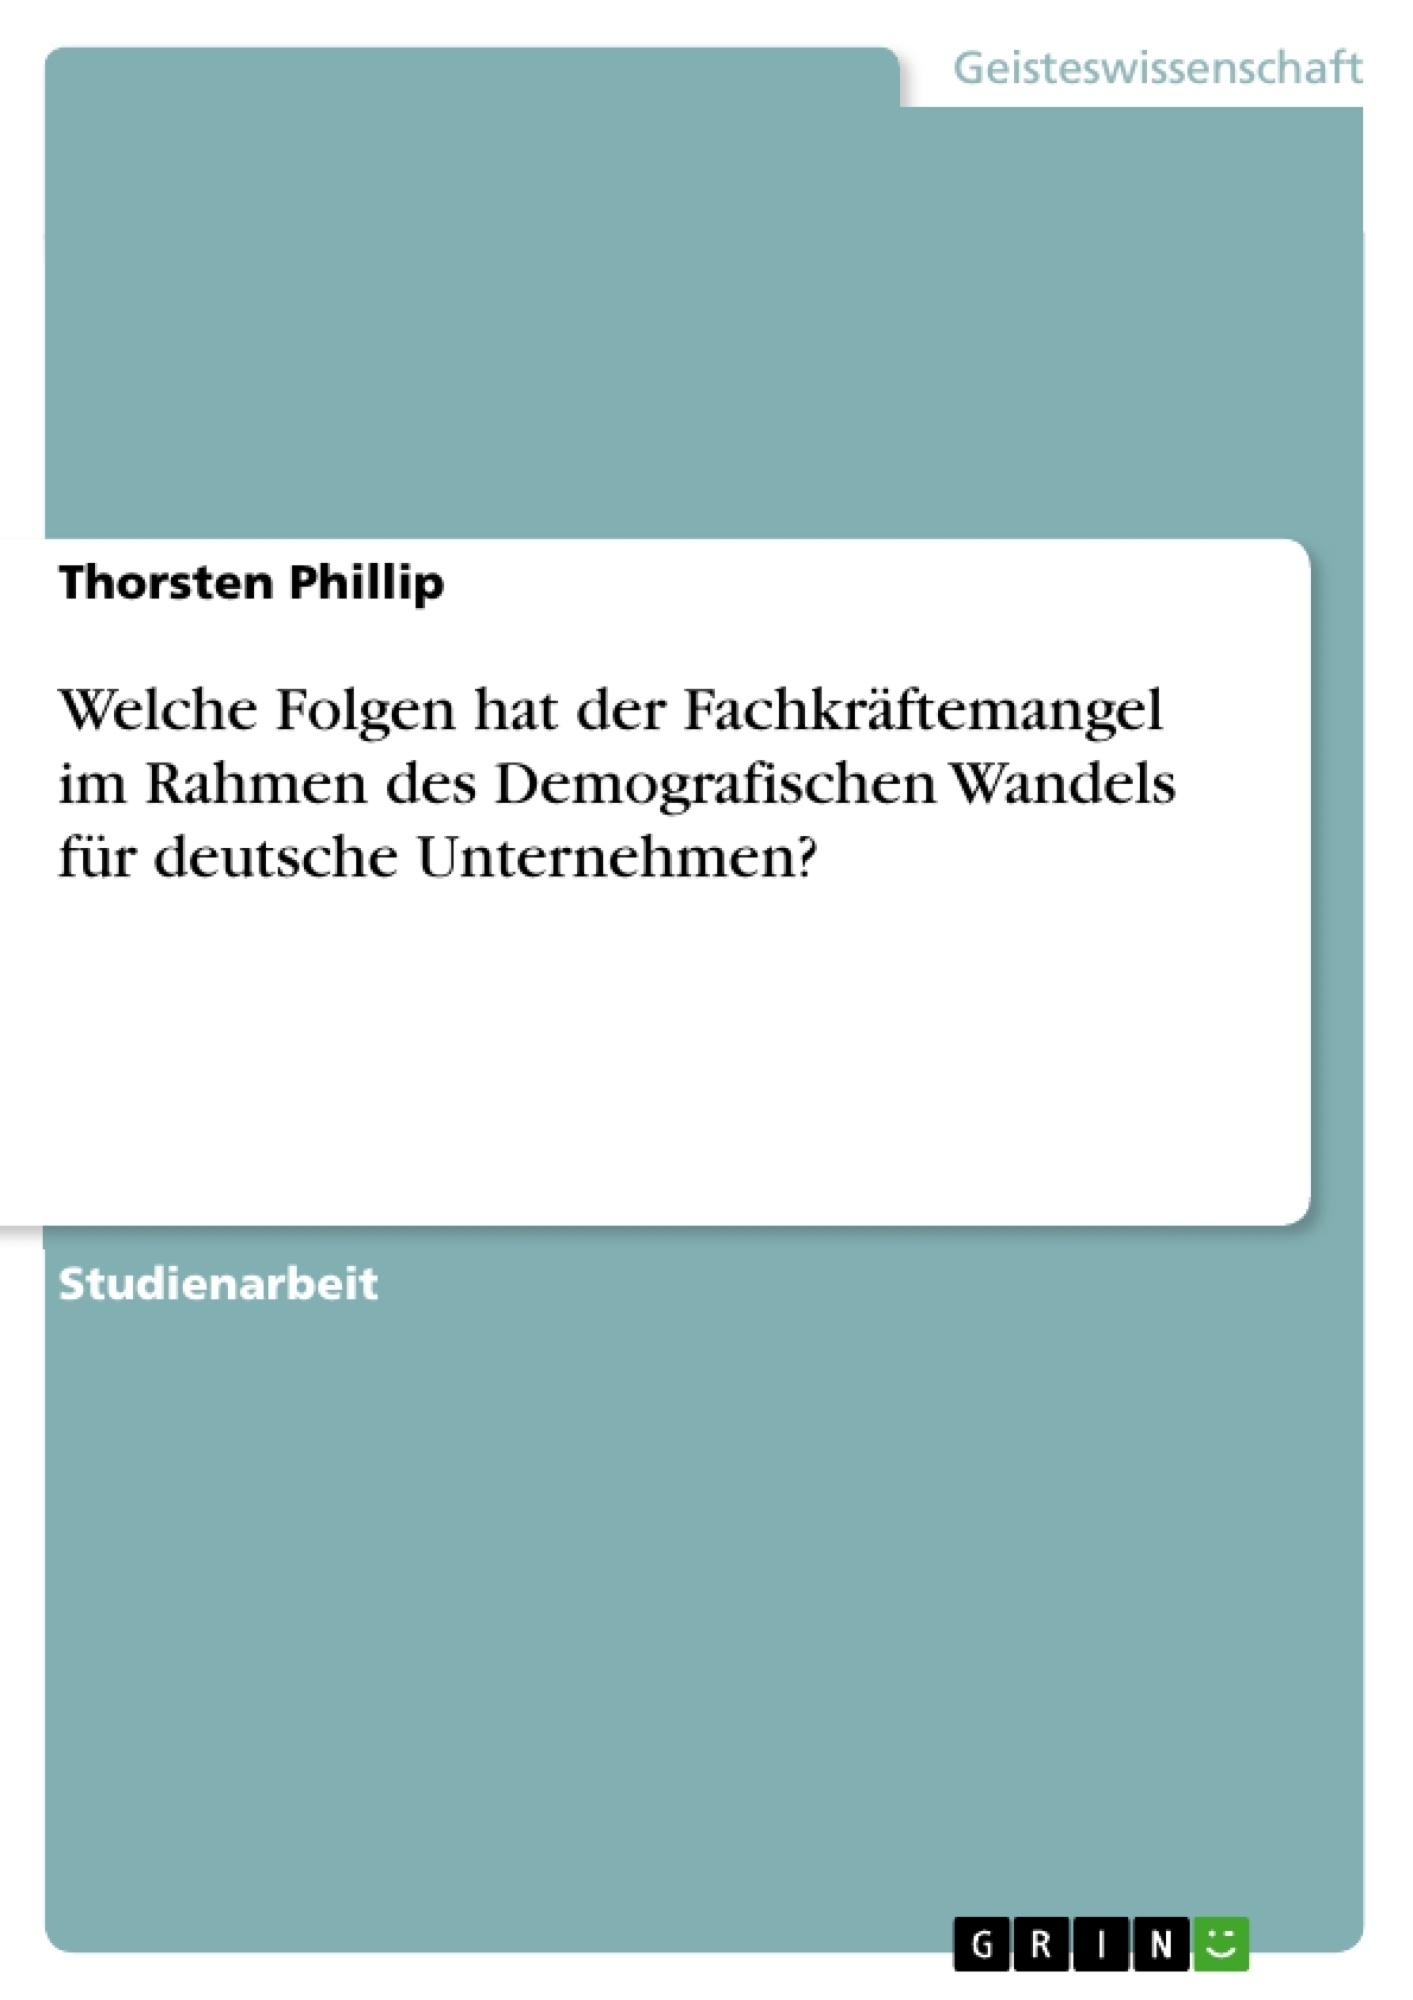 Titel: Welche Folgen hat der Fachkräftemangel im Rahmen des Demografischen Wandels für deutsche Unternehmen?